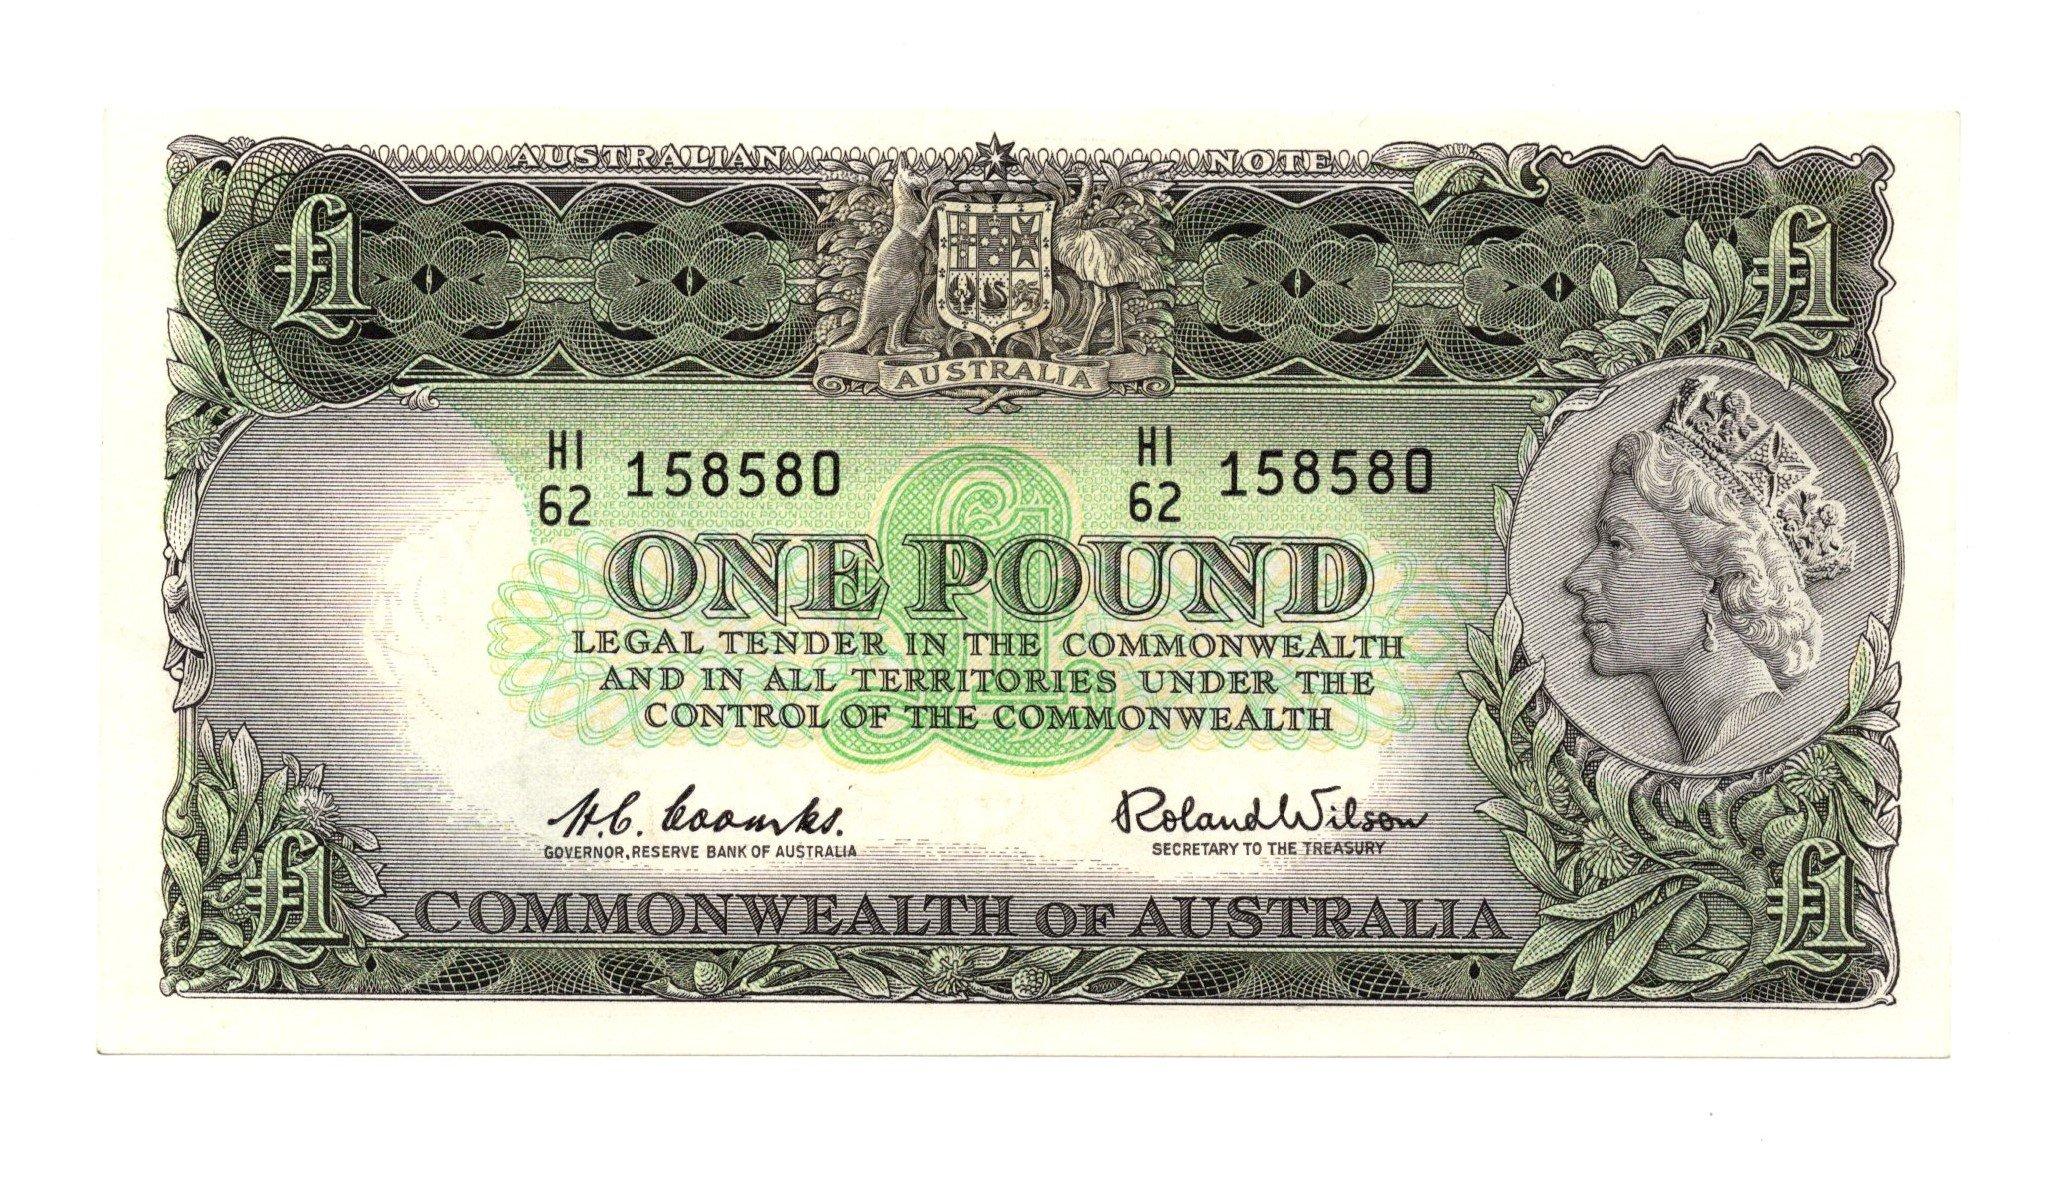 Australia 1 pound